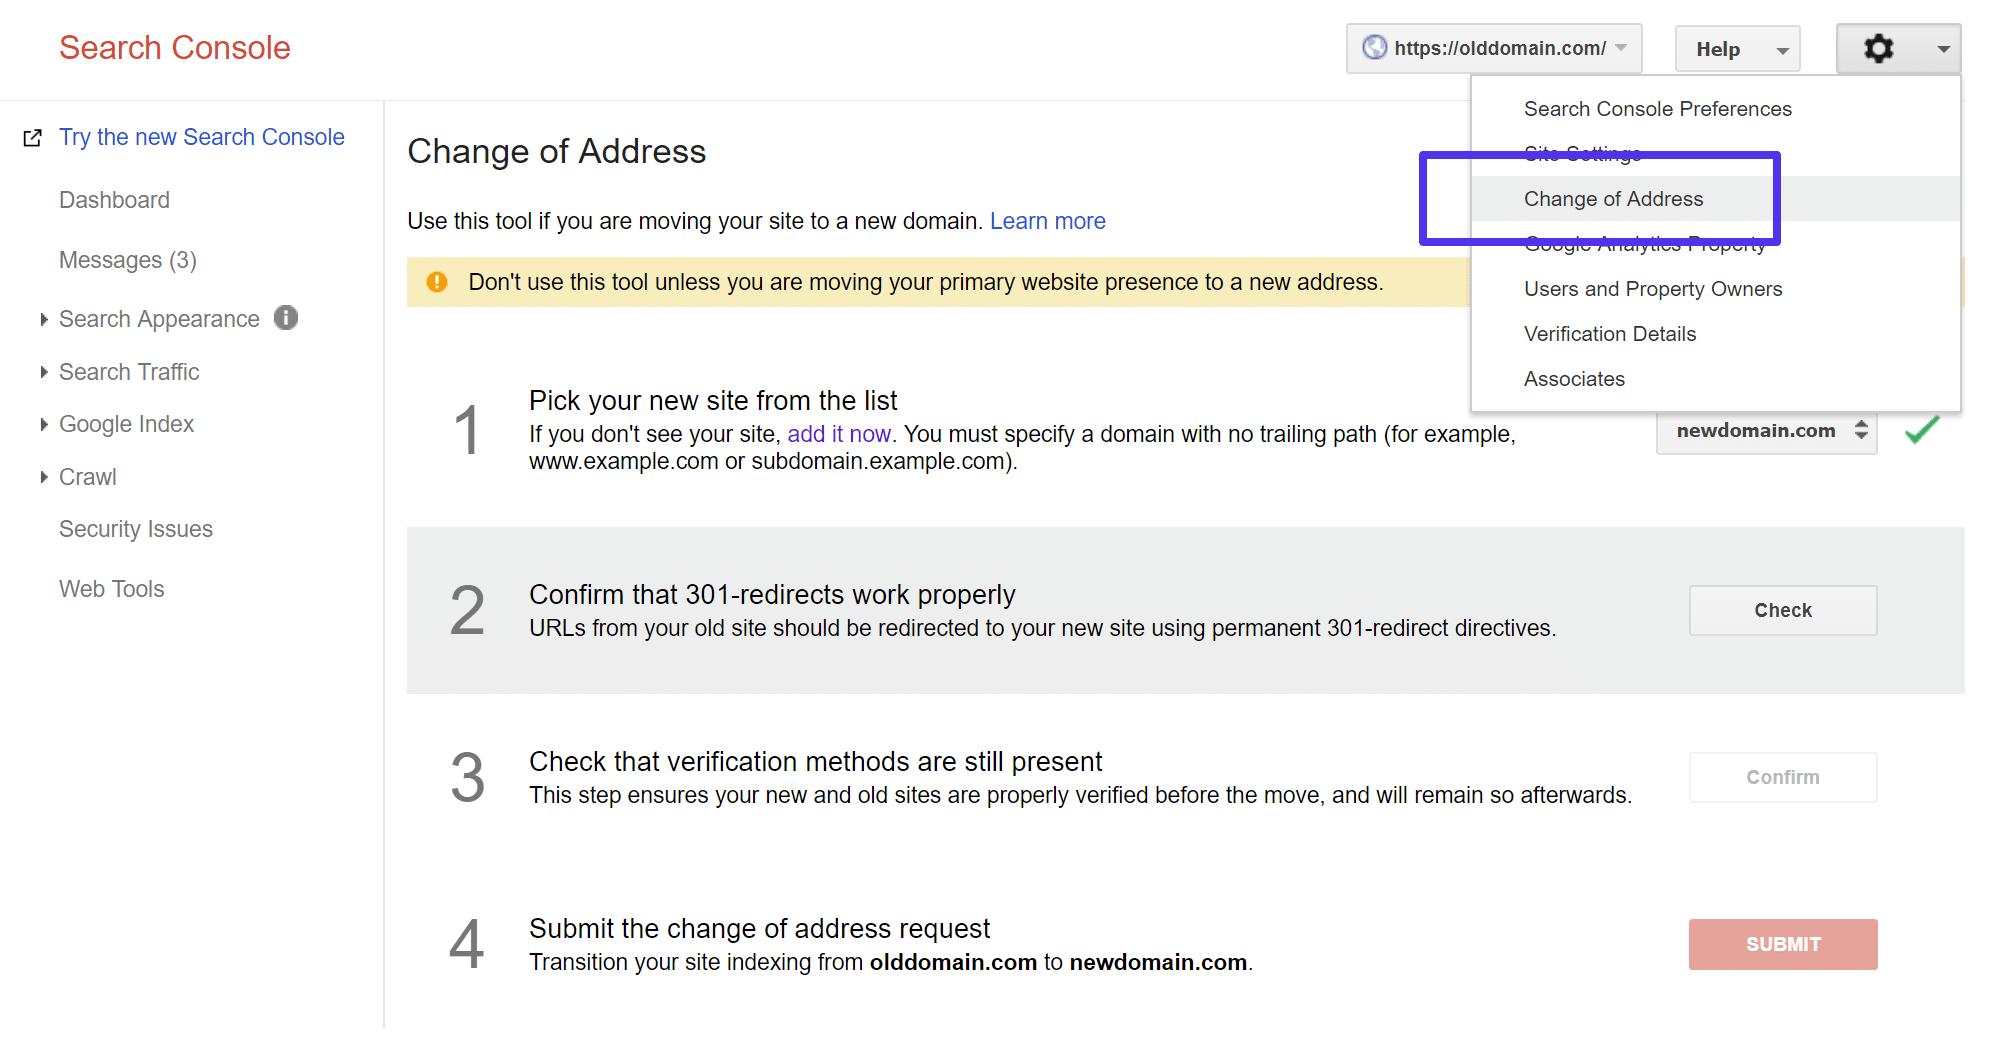 Cambio di indirizzo in Google Search Console